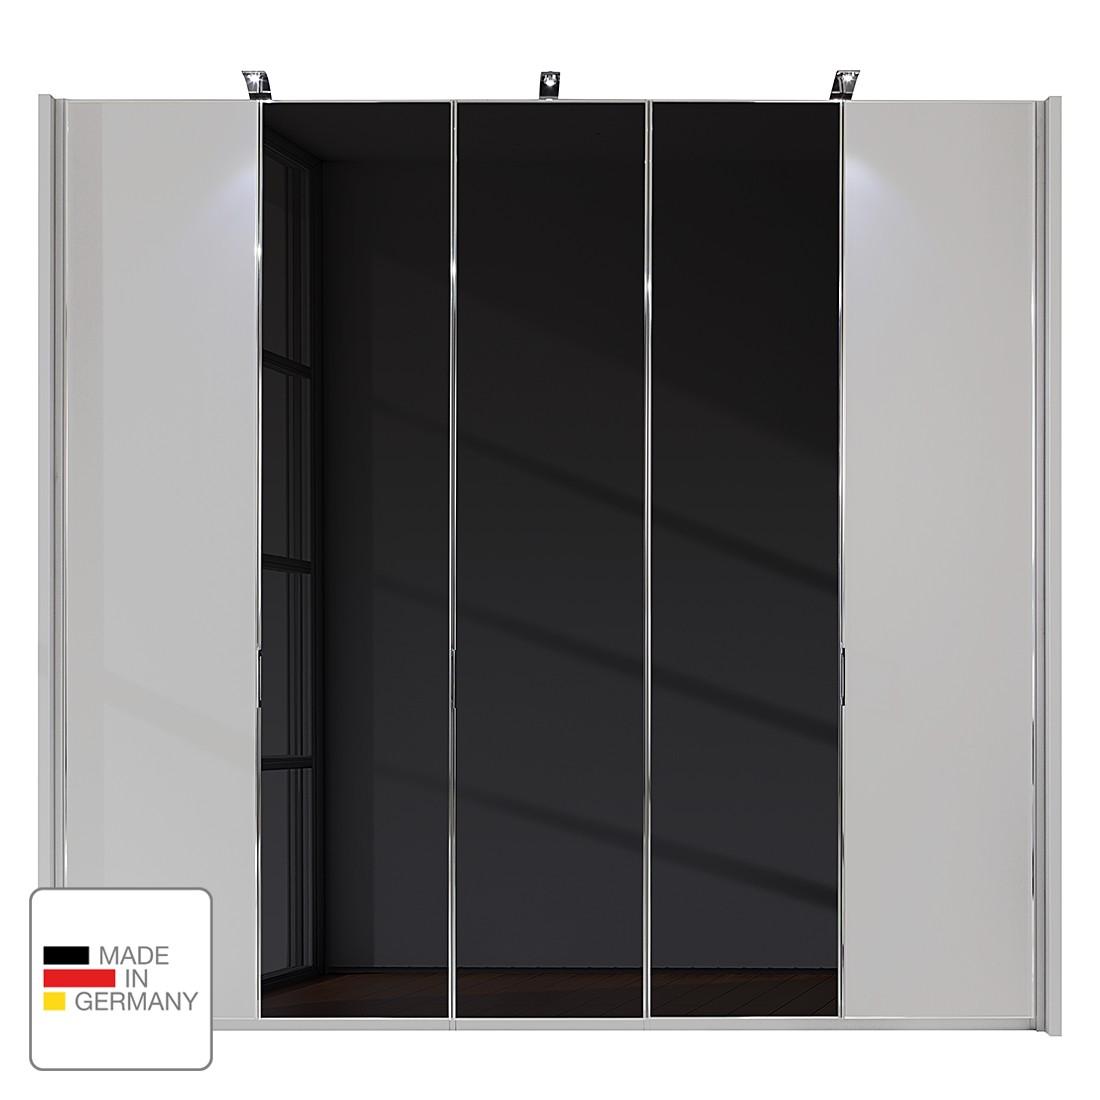 Drehtürenschrank Amsterdam - Silber/Graphit - LED-Beleuchtung - 250 cm (5-türig) - 216 cm - 1 Glastür (Anschlag rechts), Althoff